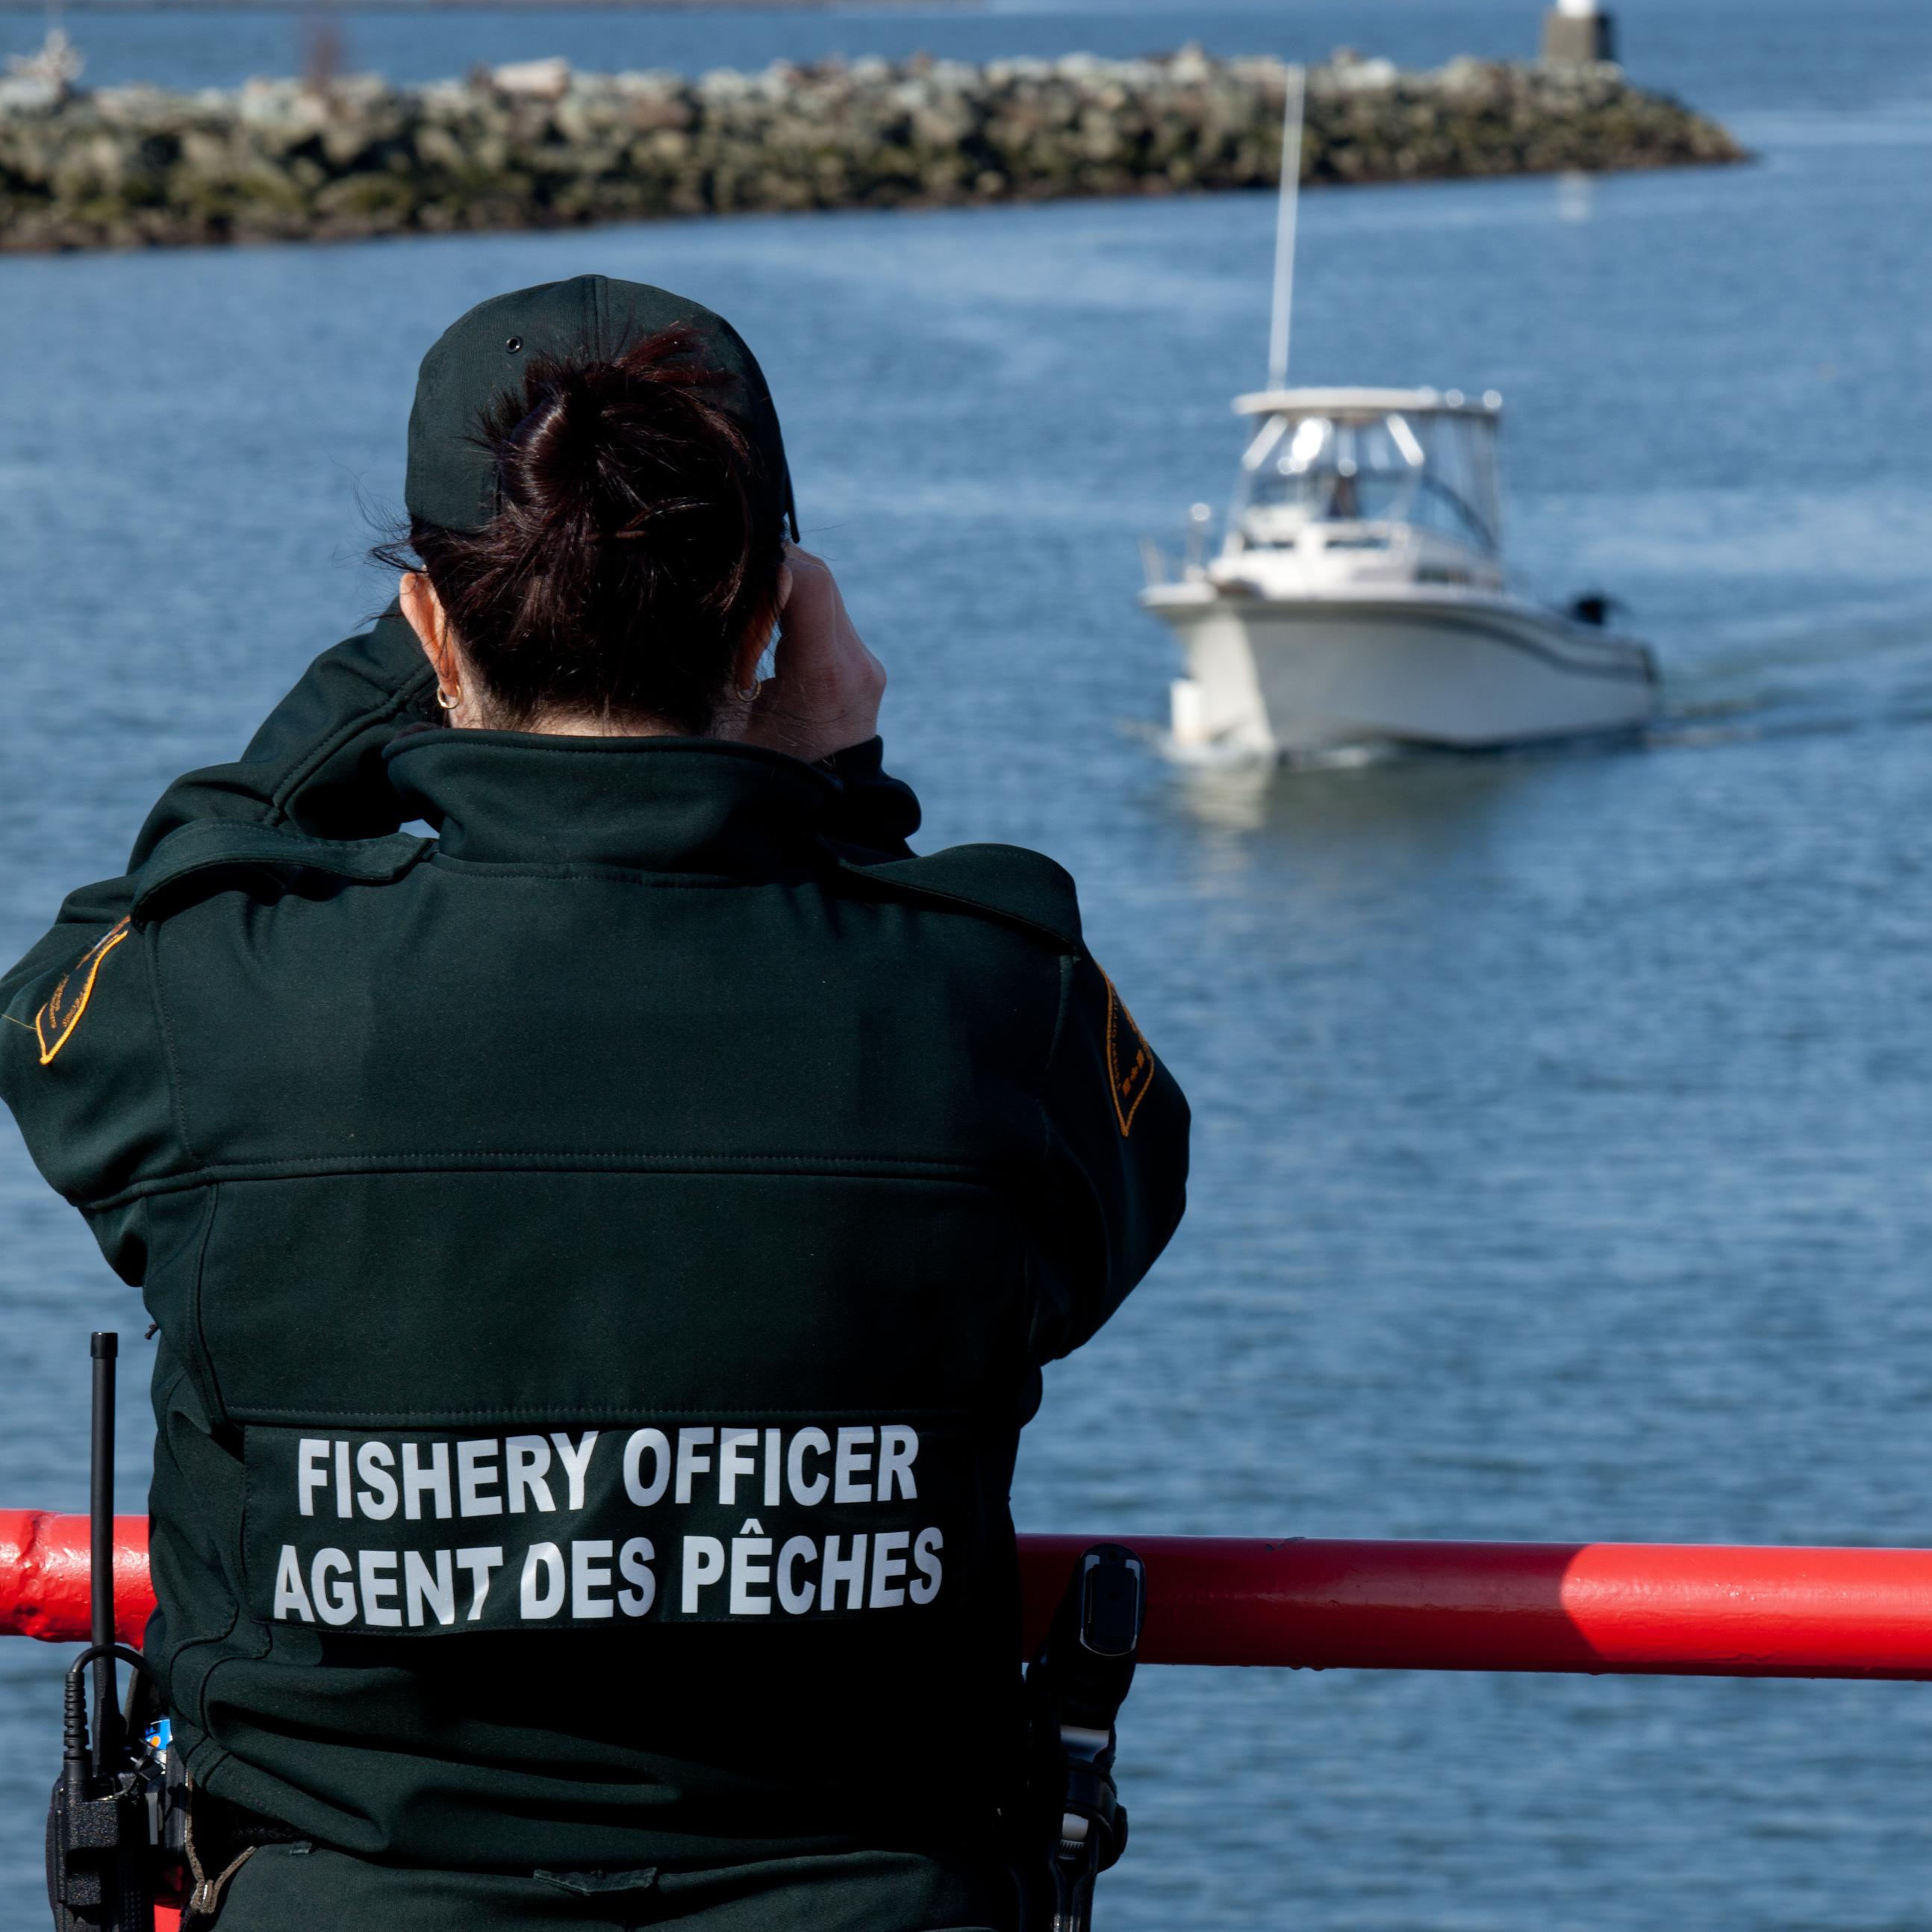 Agent des pêches